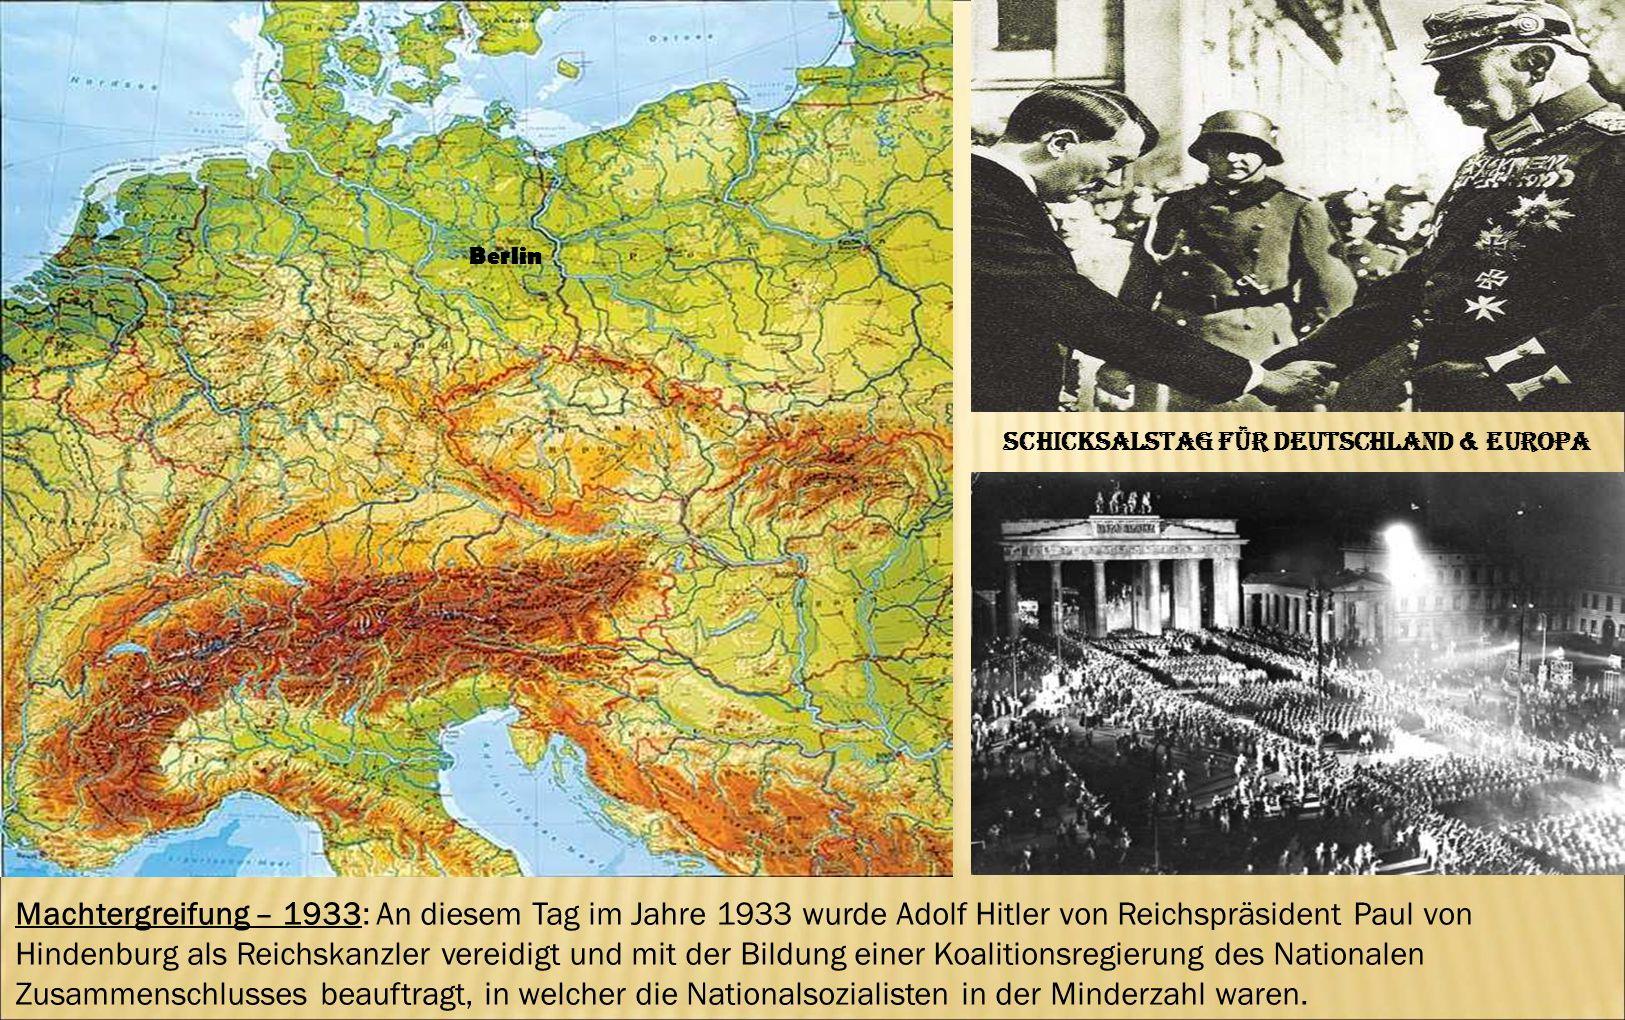 Schicksalstag für Deutschland & Europa